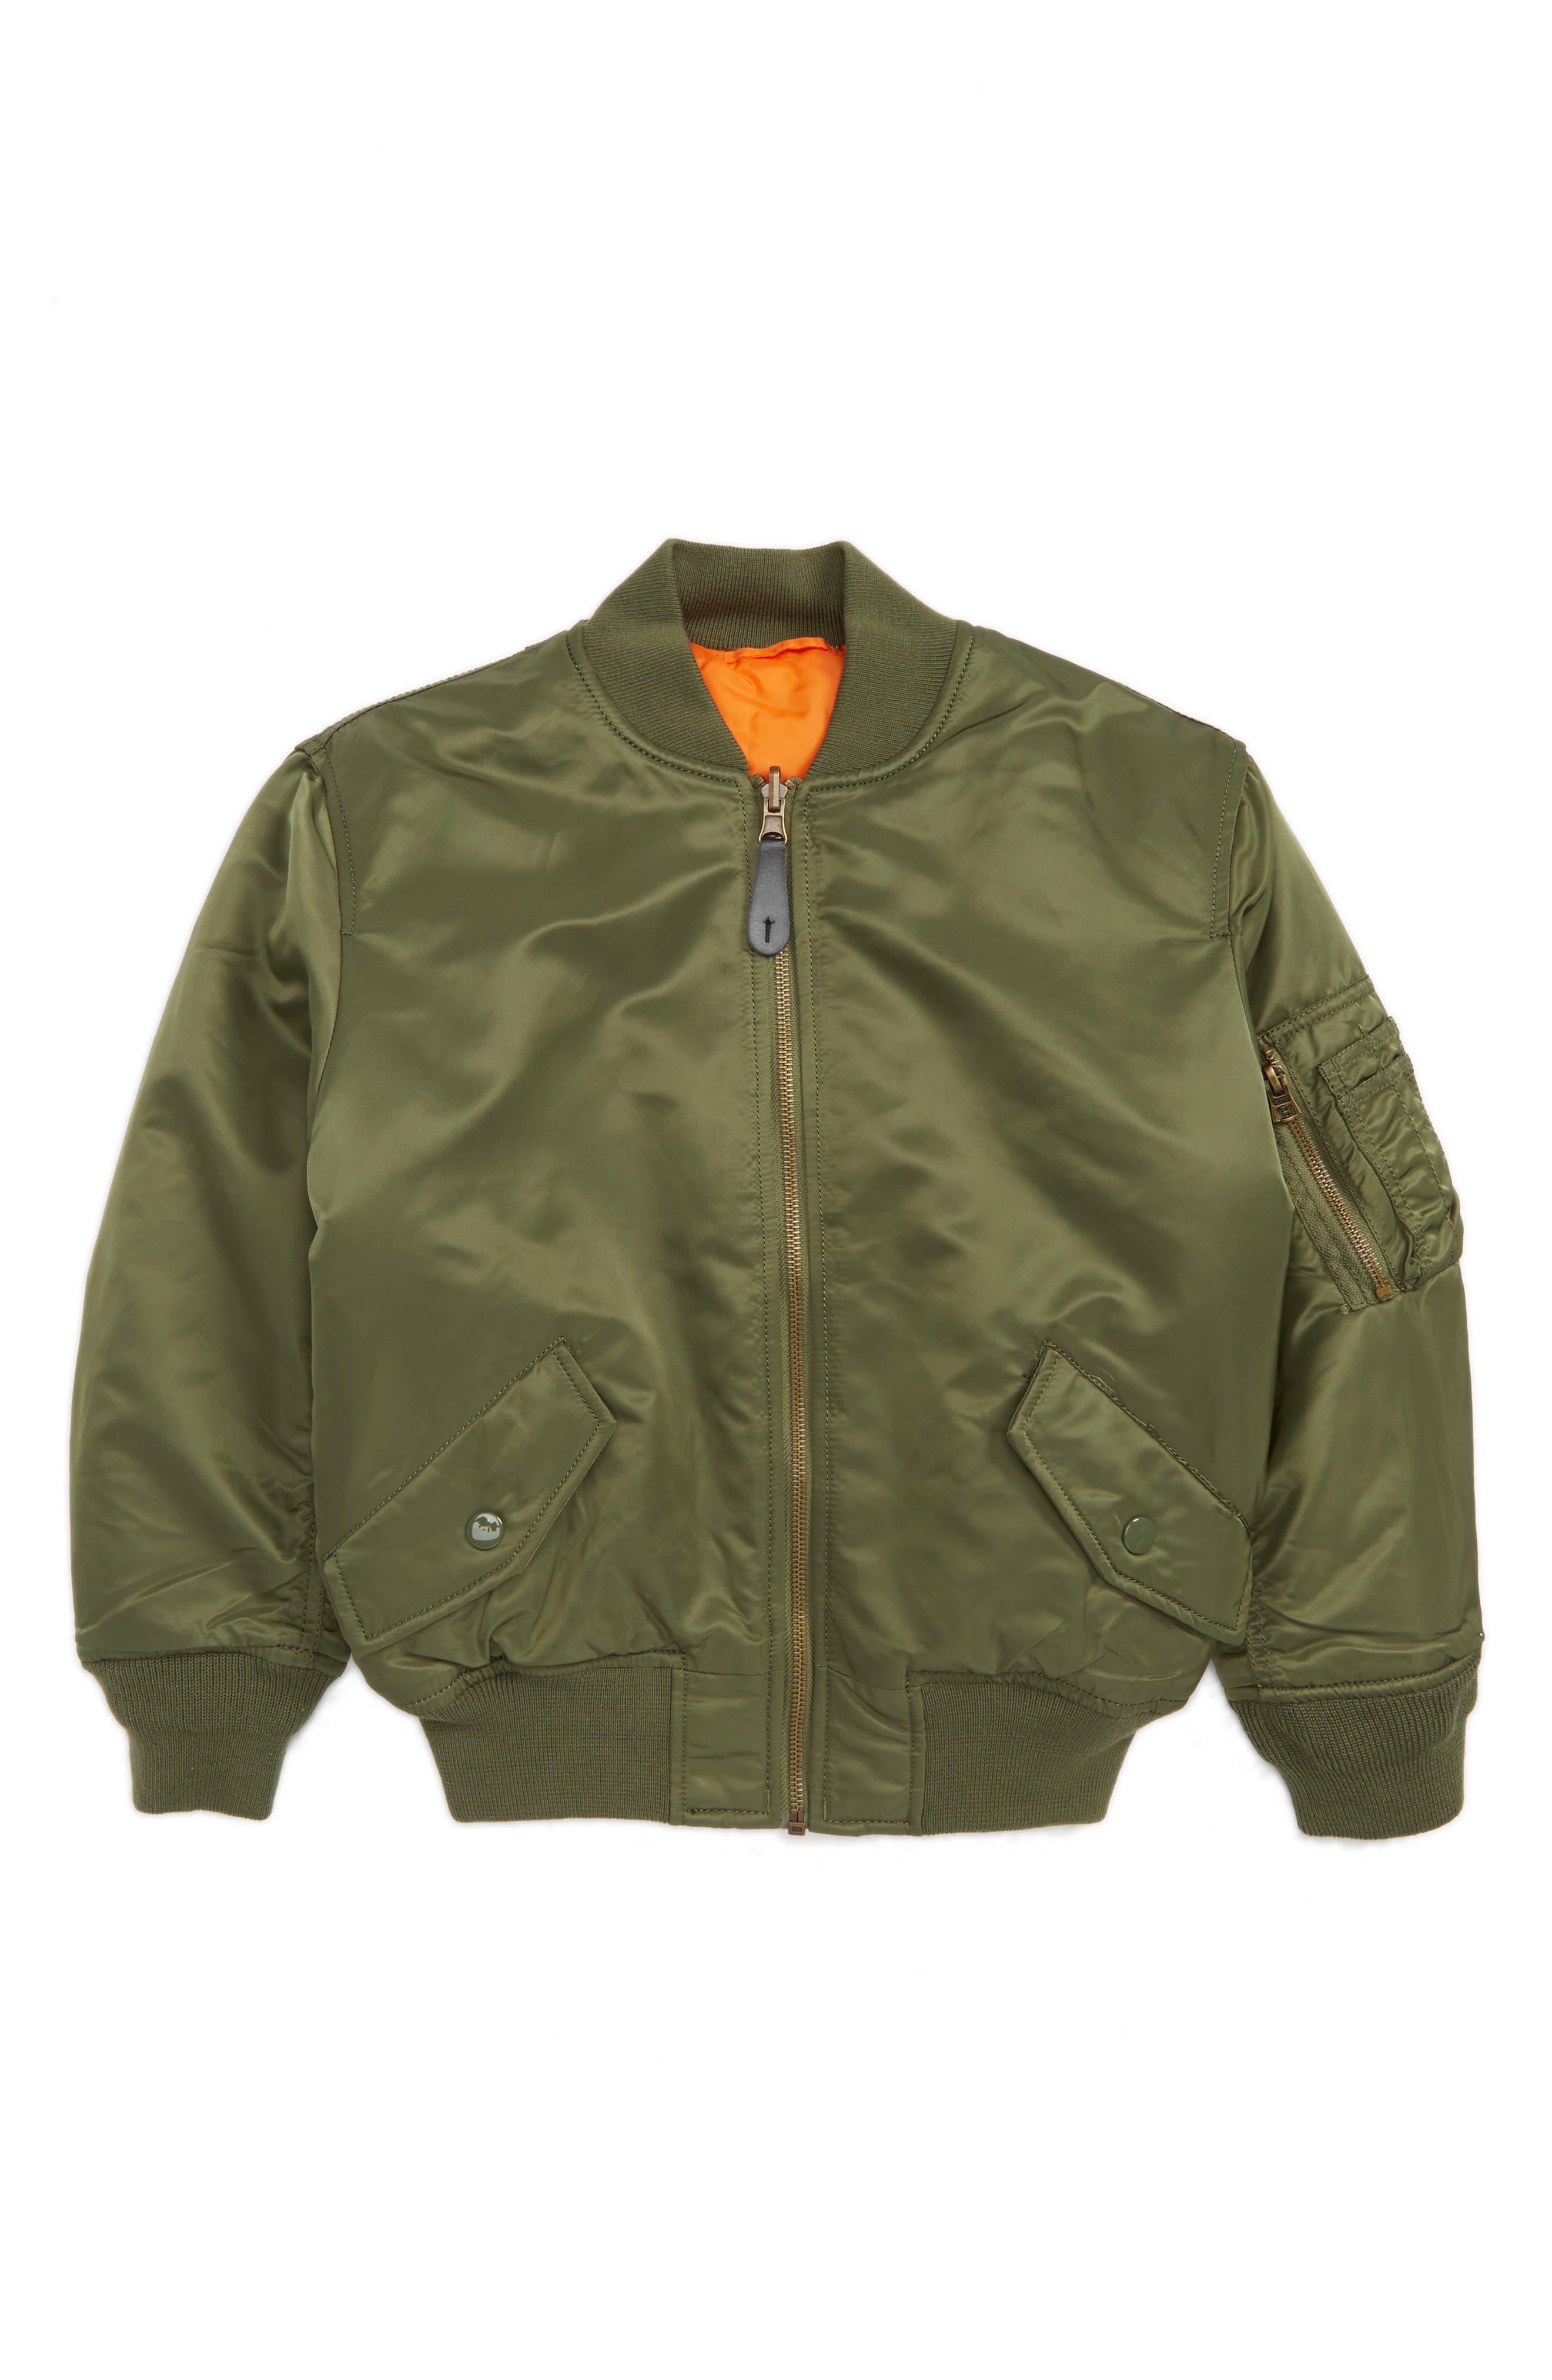 MA-1 Flight Jacket,                             Main thumbnail 1, color,                             Sage Green